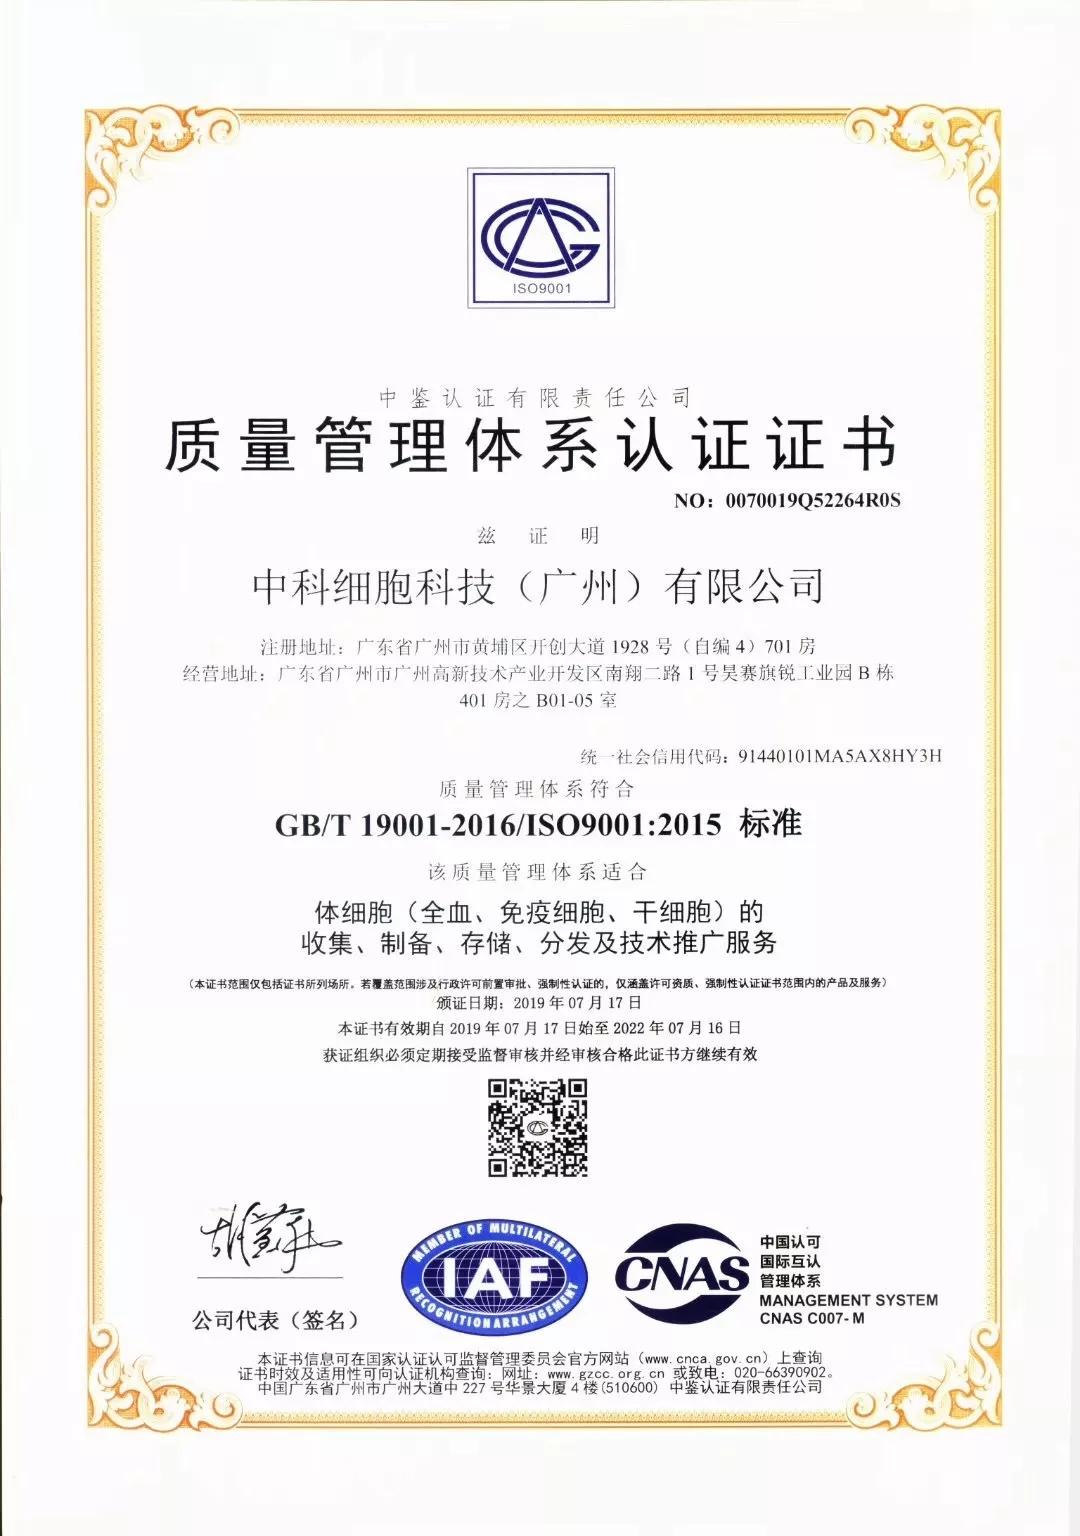 园区企业动态 | 中科细胞科技(广州)有限公司通过ISO9001质量管理体系认证